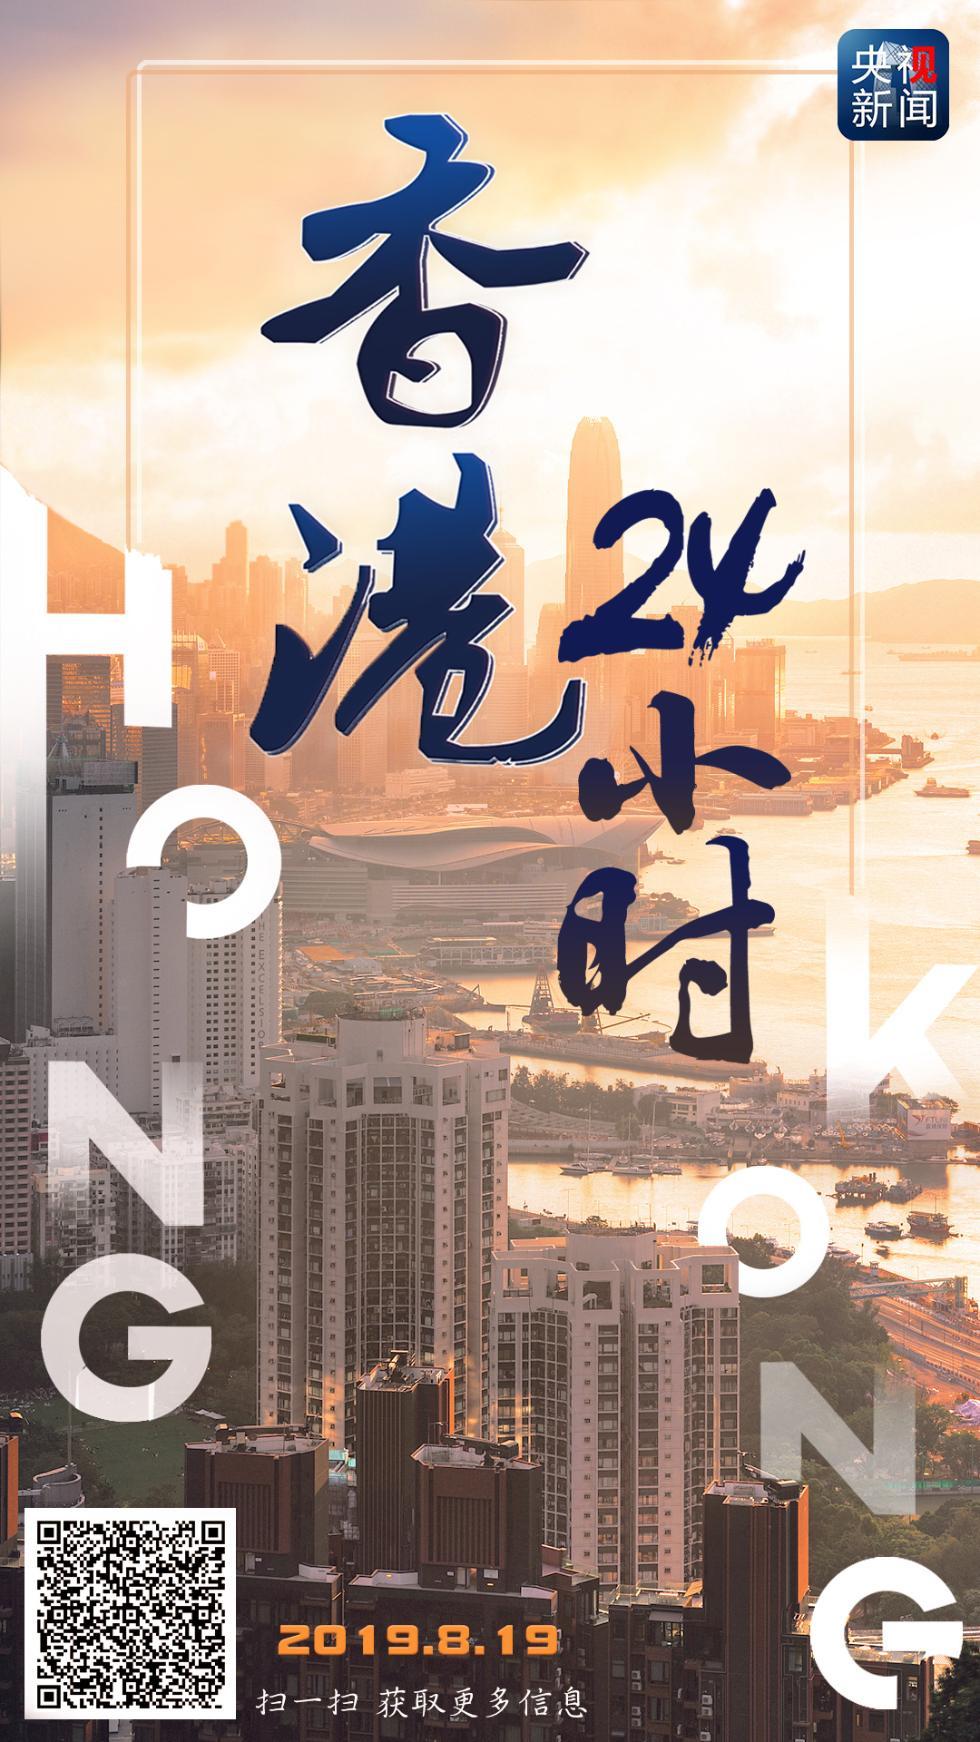 香港8月19日发生了什么?一文速览↓